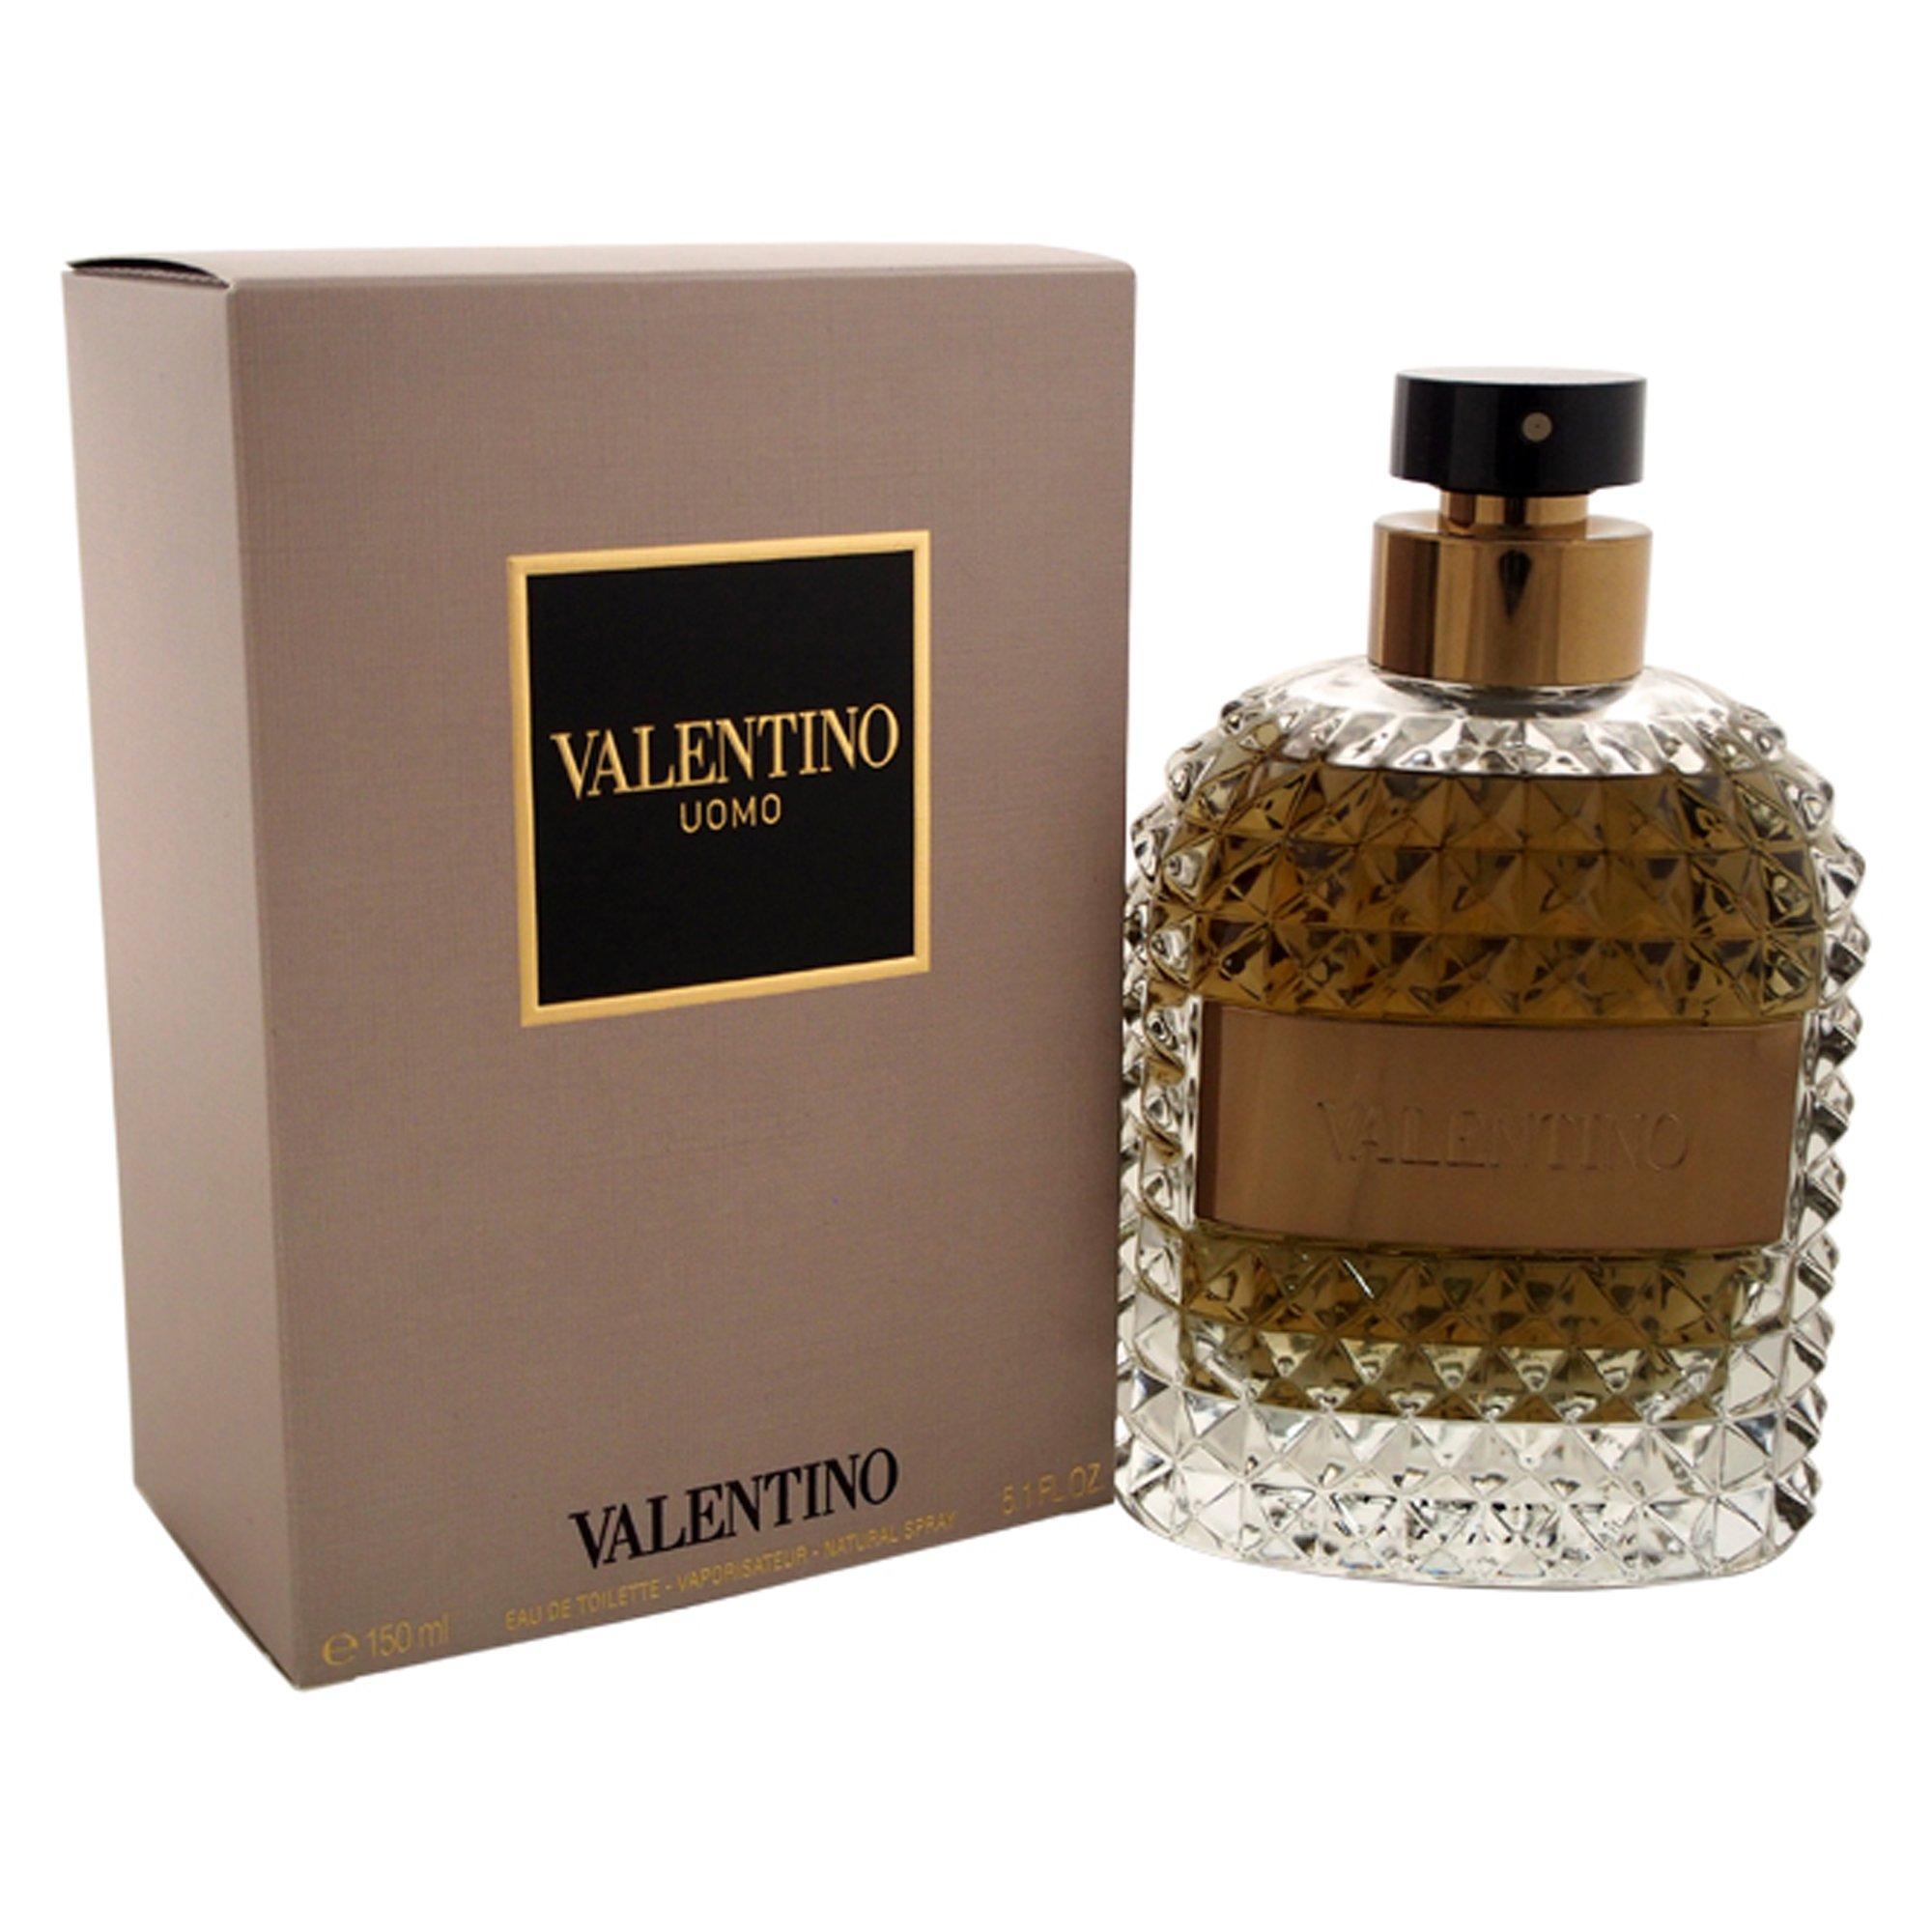 Valentino Uomo by Valentino for Men - 5.1 oz EDT Spray